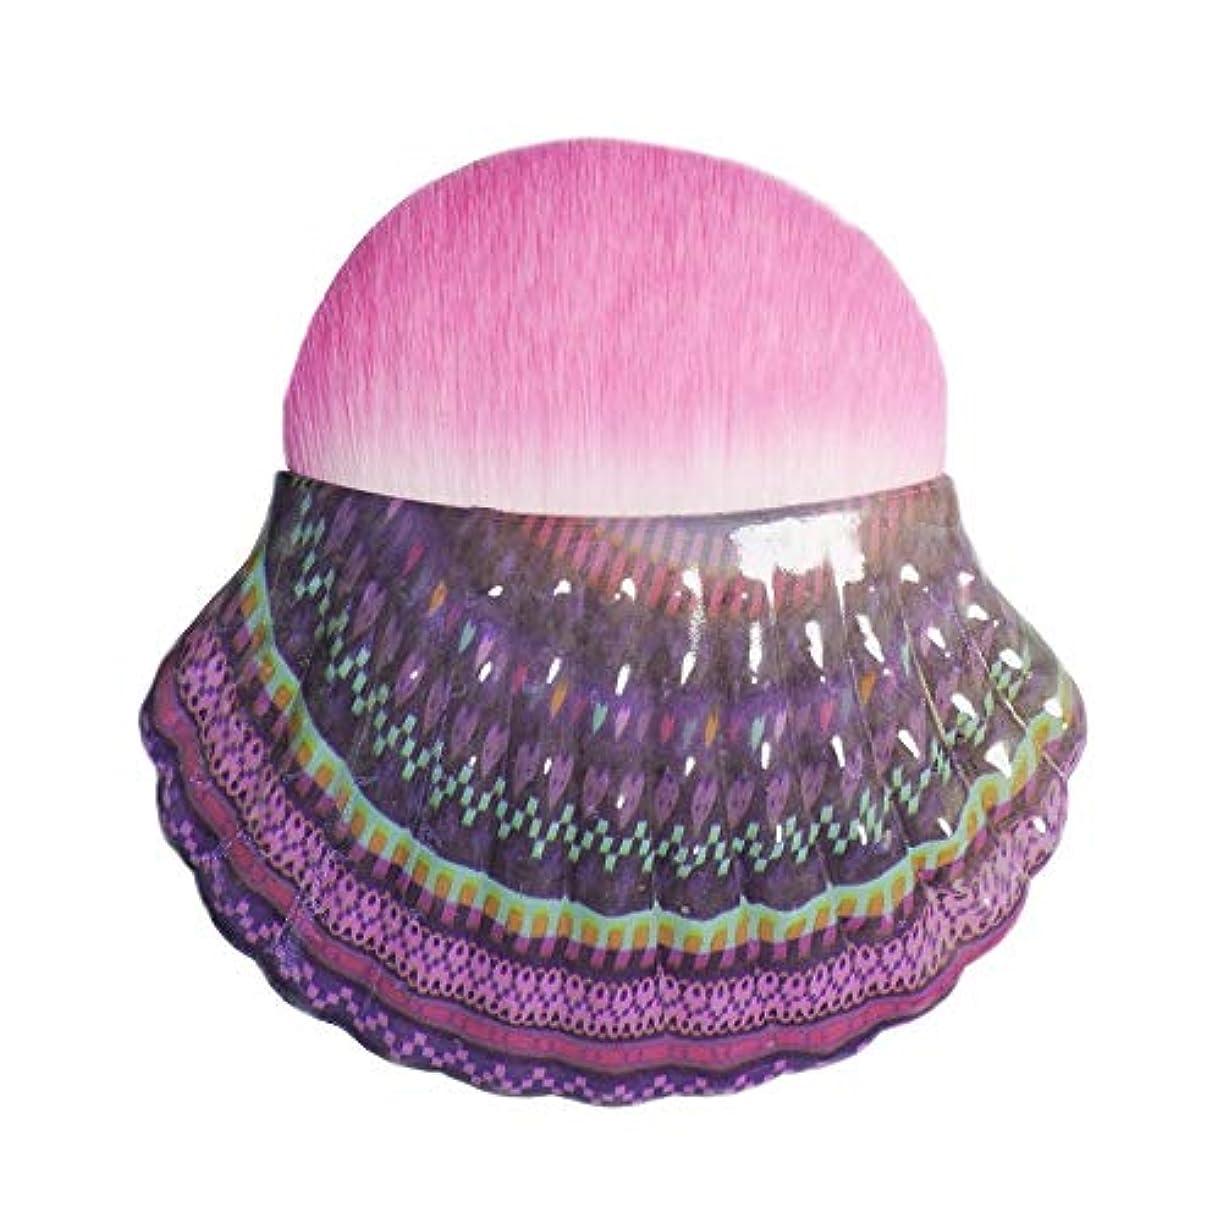 廃止するプロット忠実Makeup brushes 化粧シングルシェル赤面ブラシ化粧ブラシツールポータブル多機能化粧ブラシ、ピンク suits (Color : Pink Gradient)